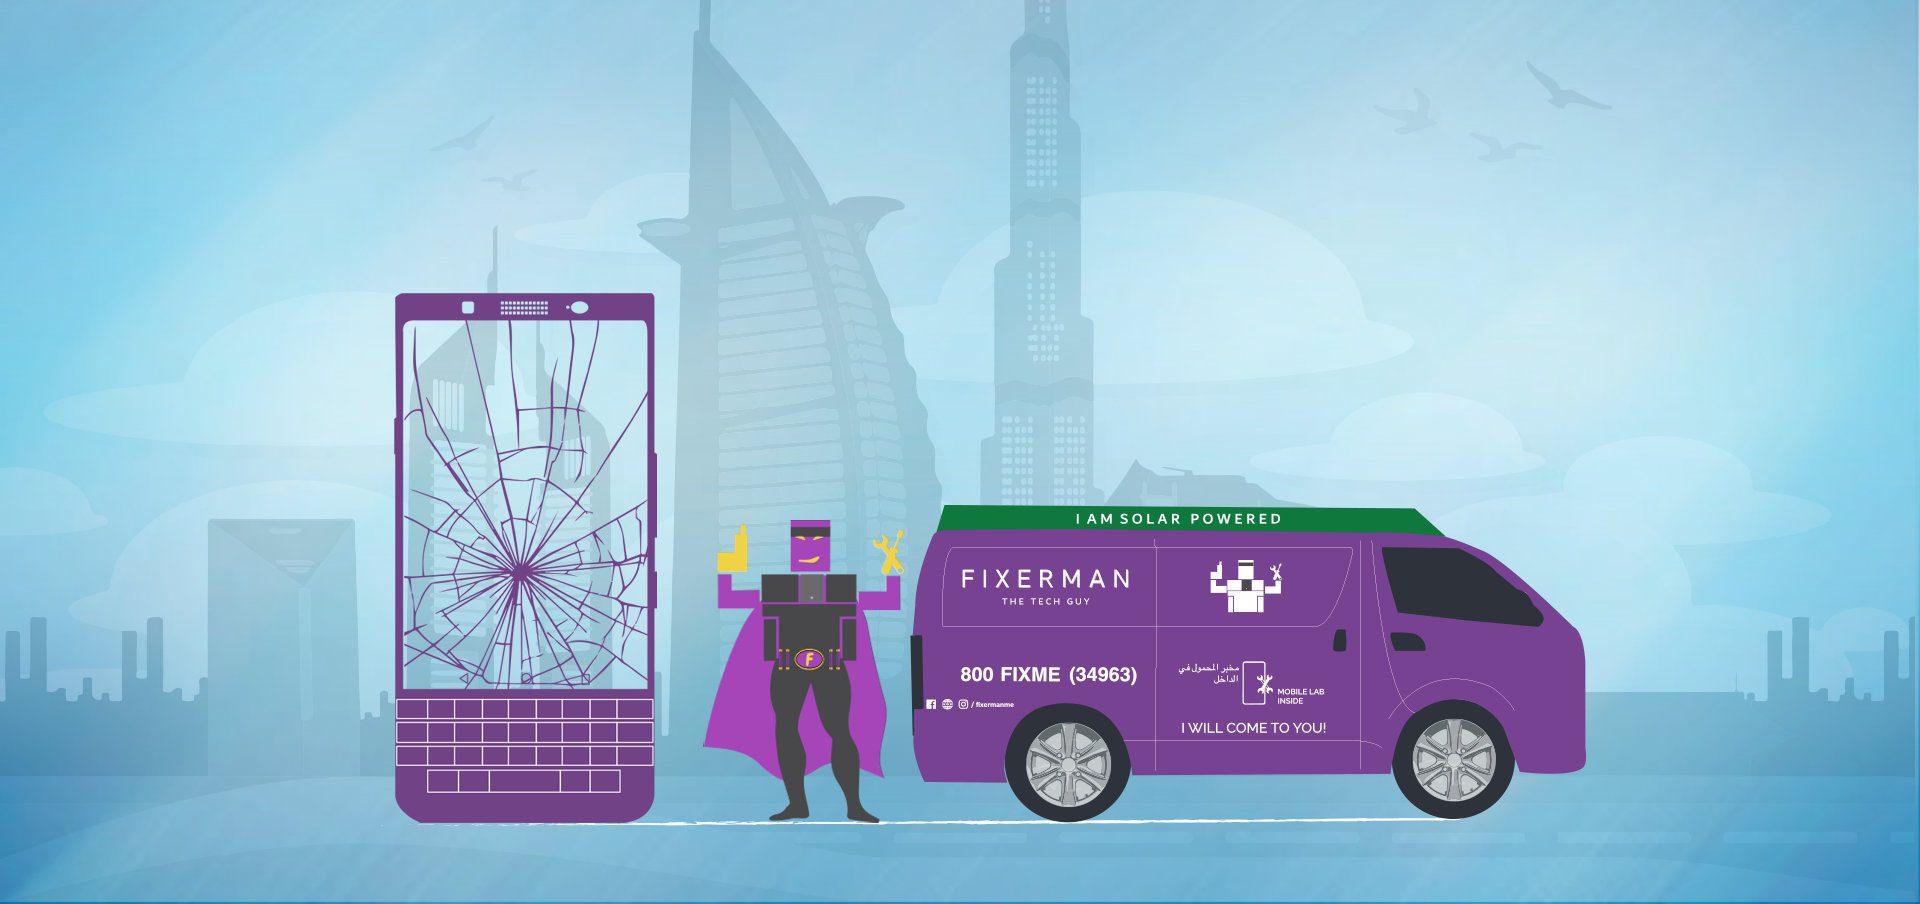 Mobile Phone repair near me in Dubai